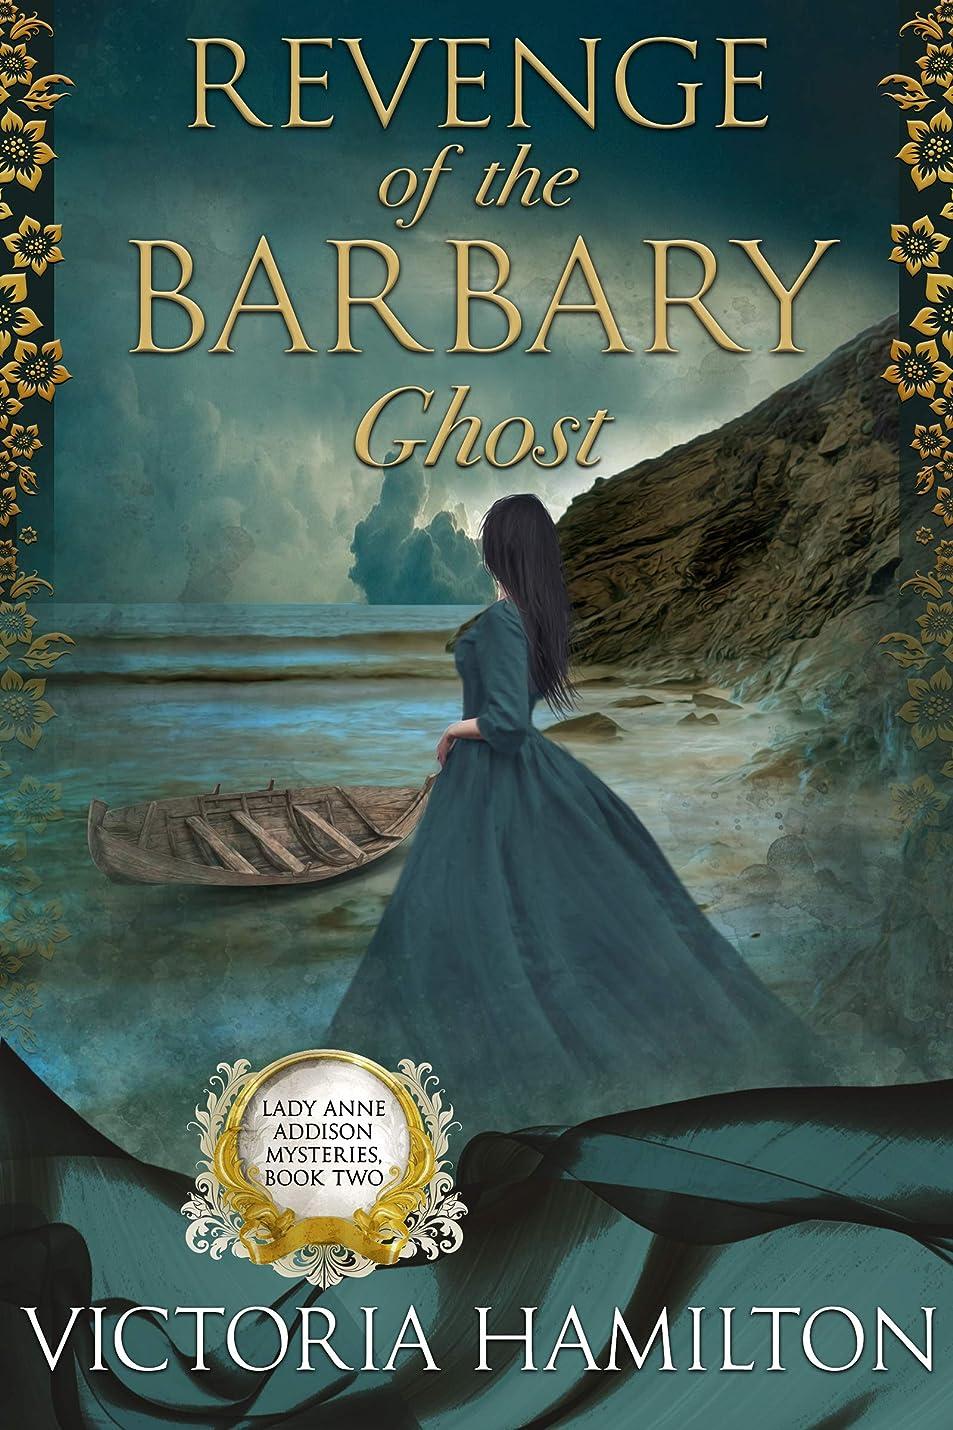 思い出す予言するホストRevenge of the Barbary Ghost (Lady Anne Addison Mysteries Book 2) (English Edition)